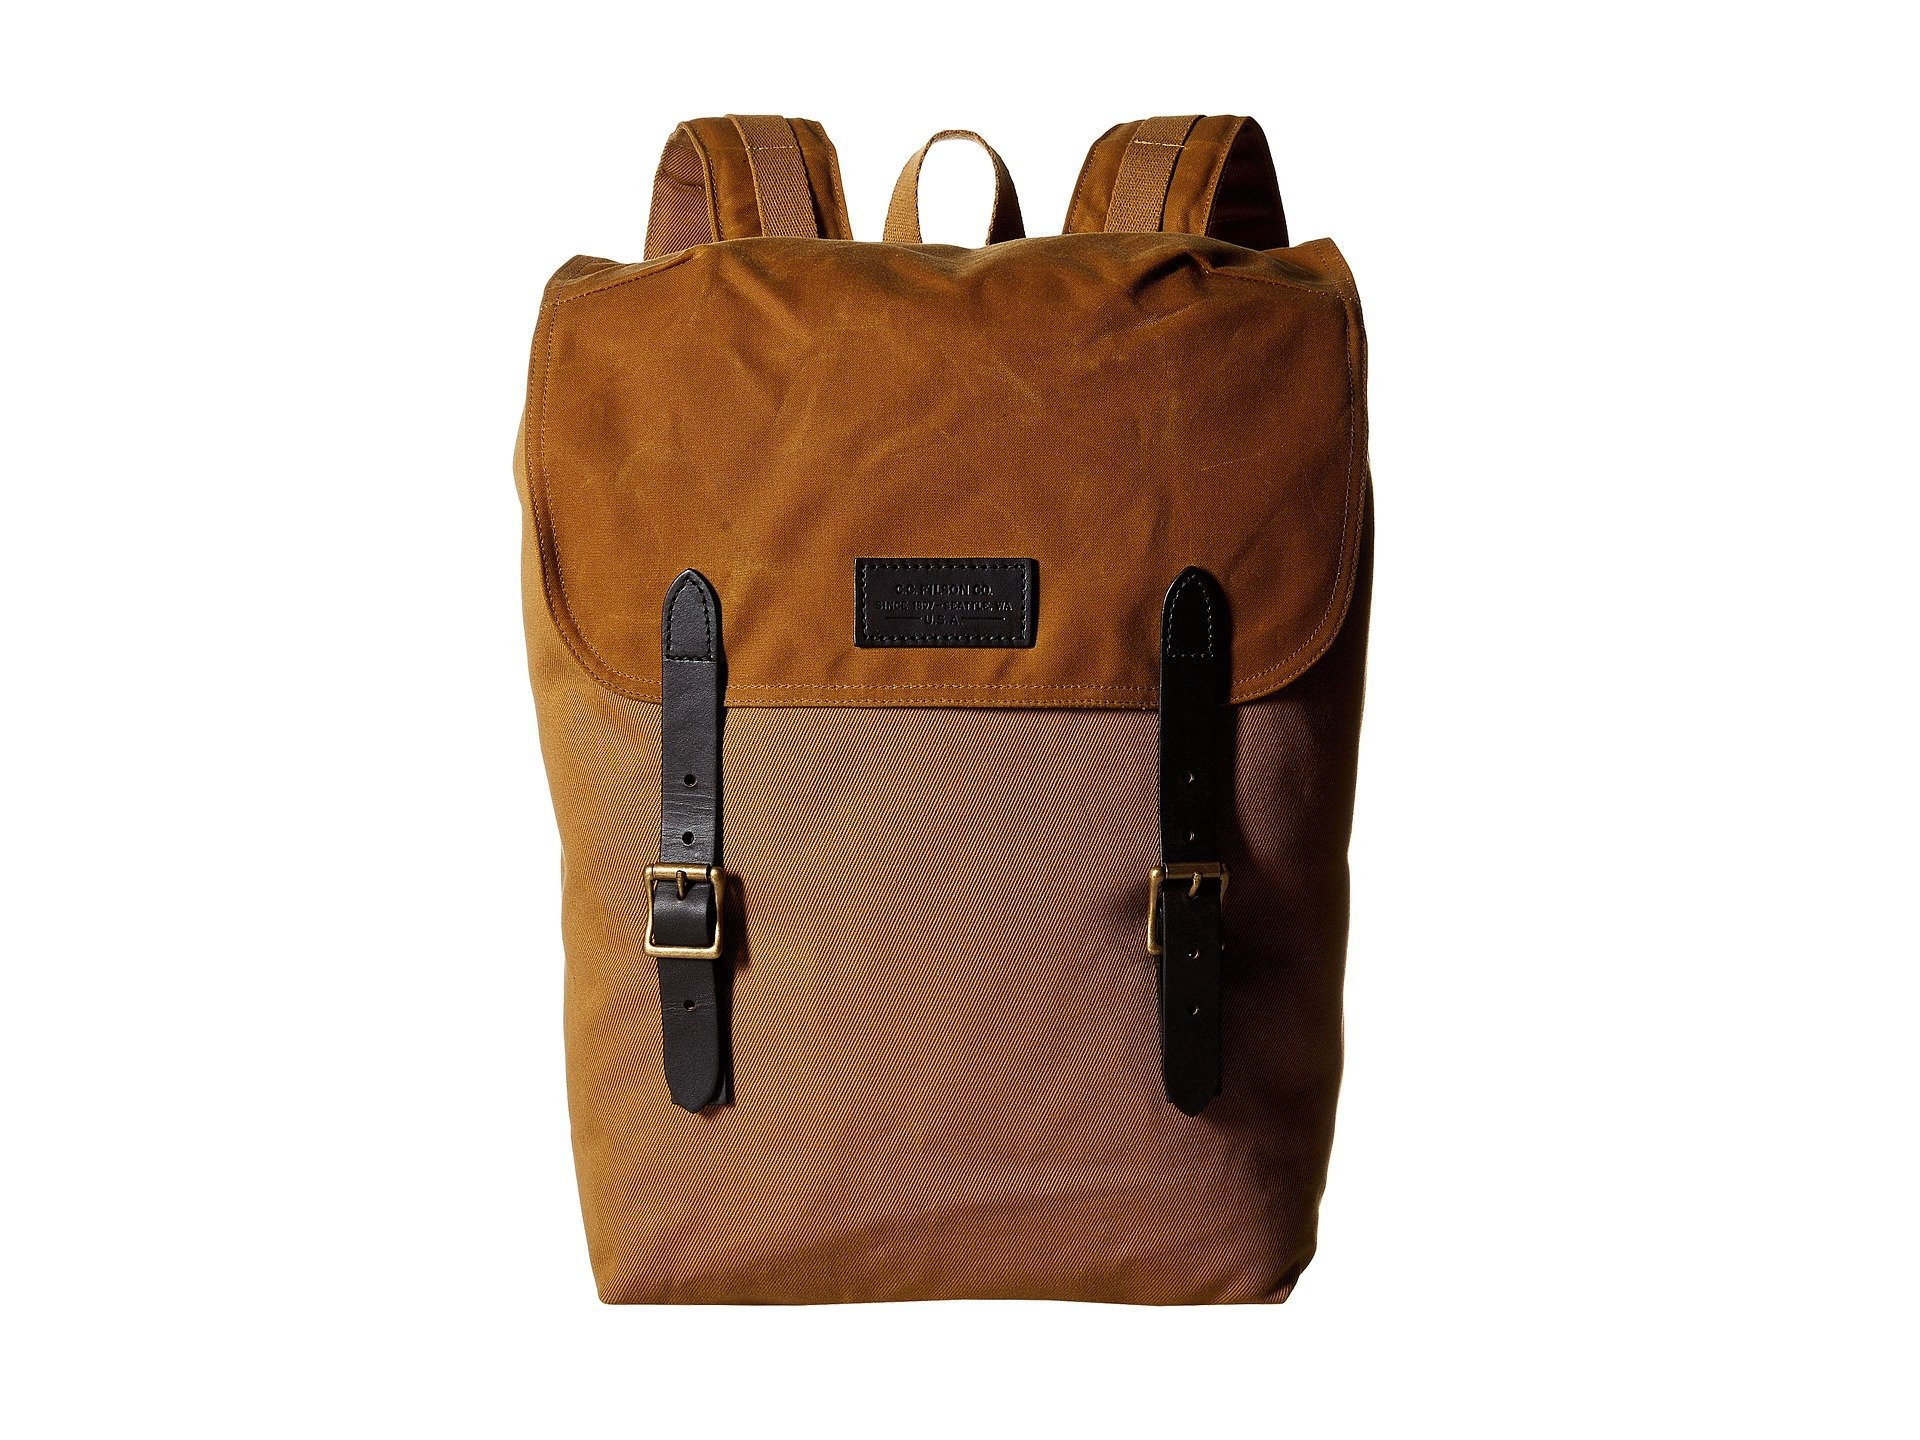 Backpack Backpack Tan Filson Filson Ranger Ranger Tan Filson 1w8YvRq